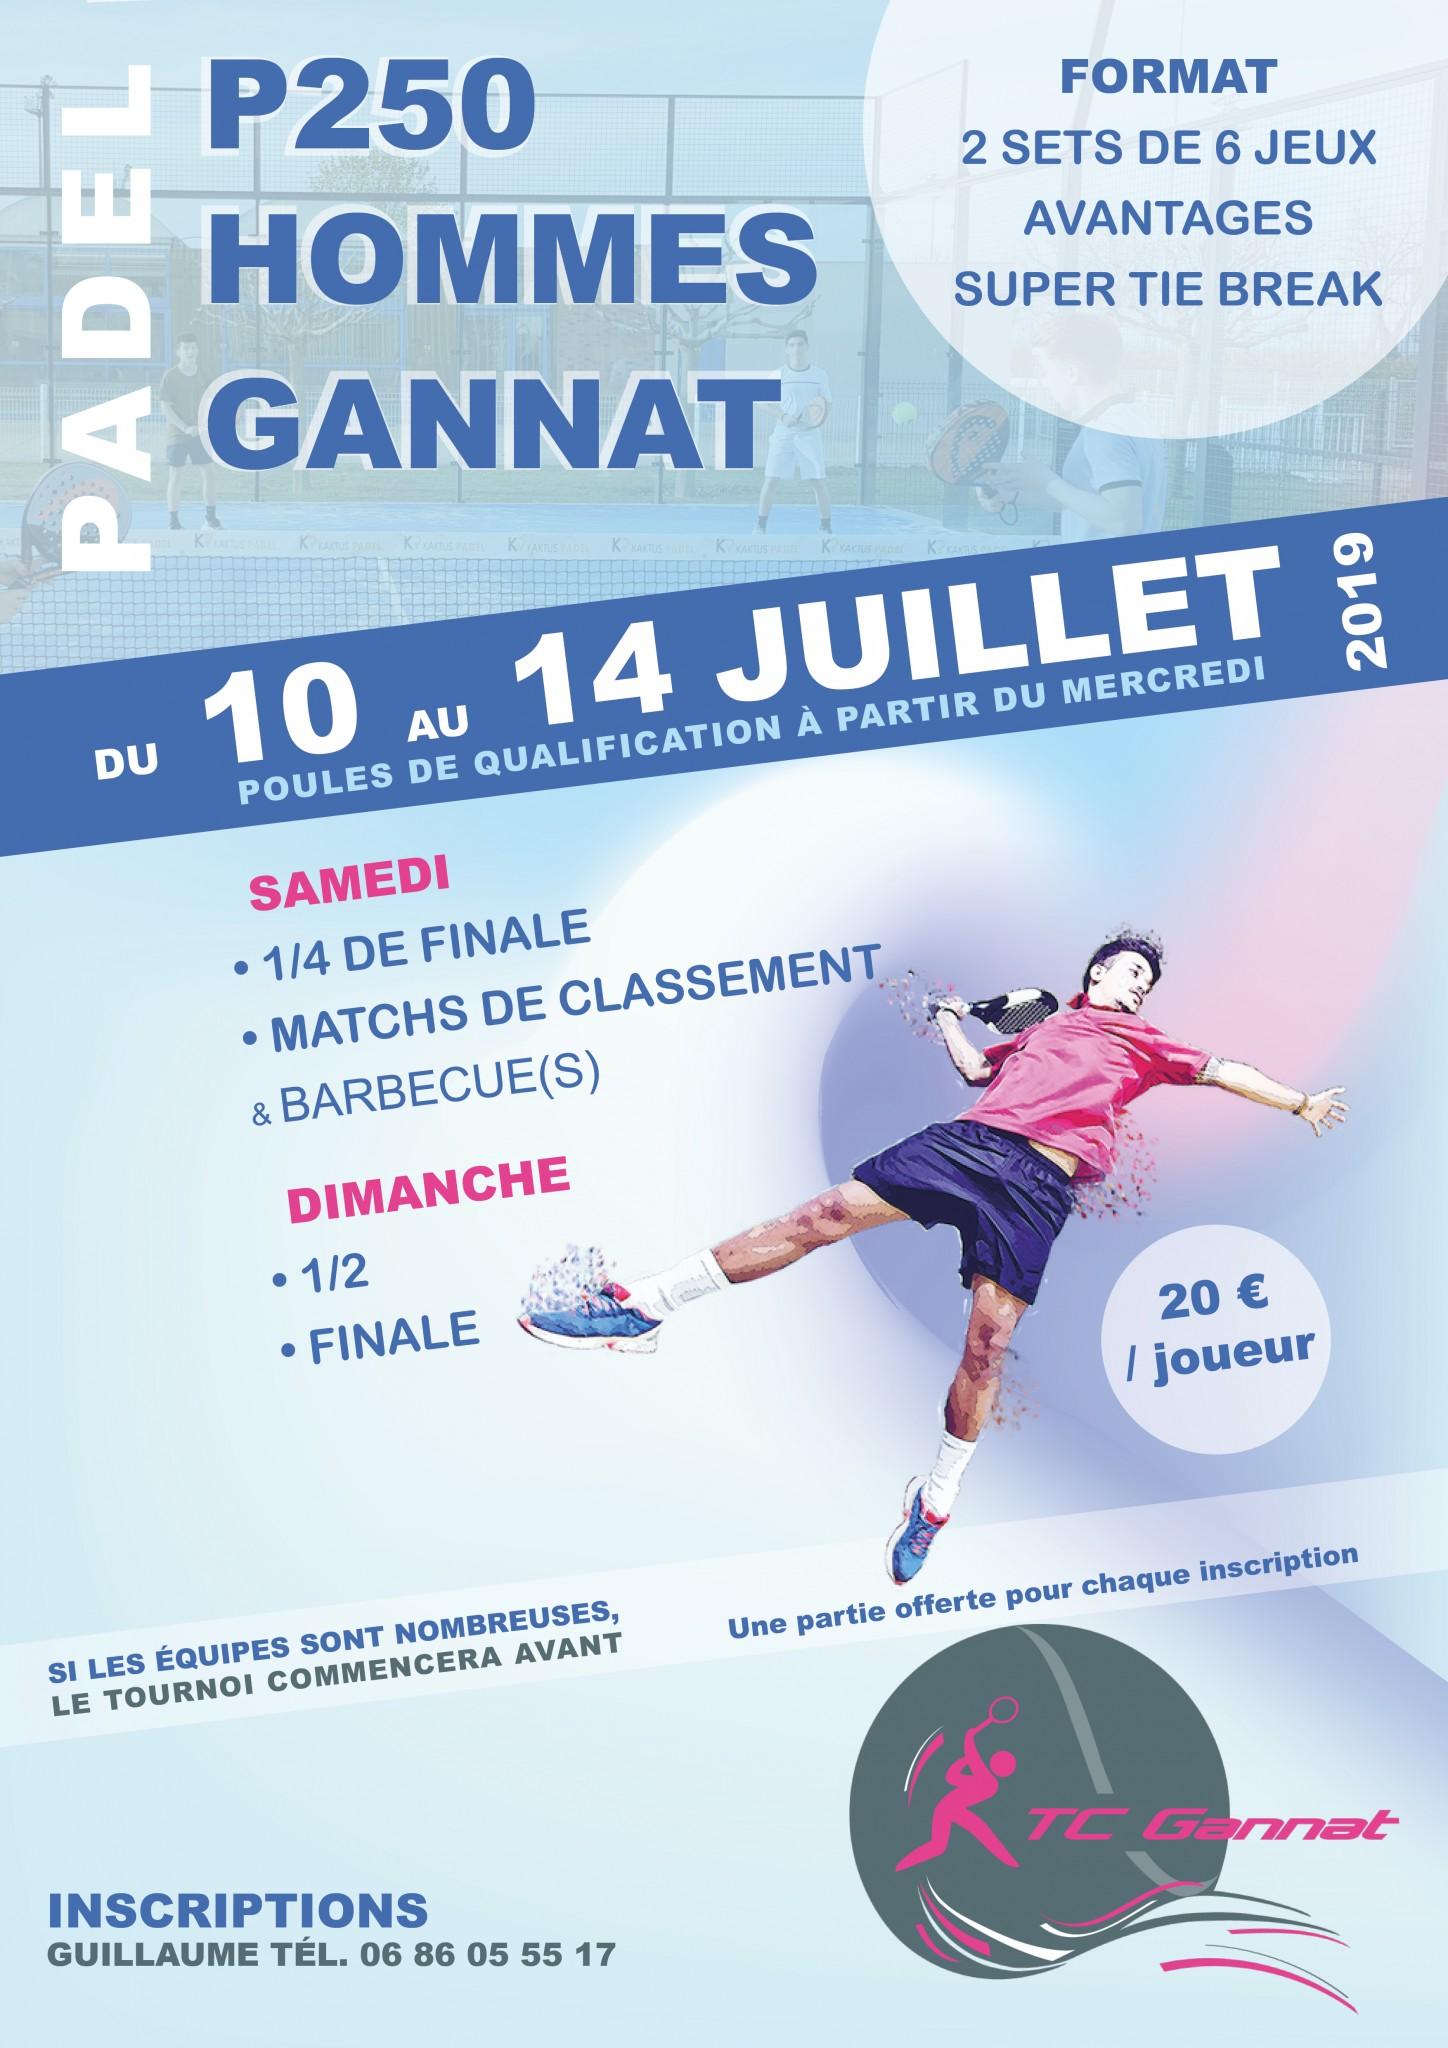 Gannat en mode P250 – 10 au 14 juillet